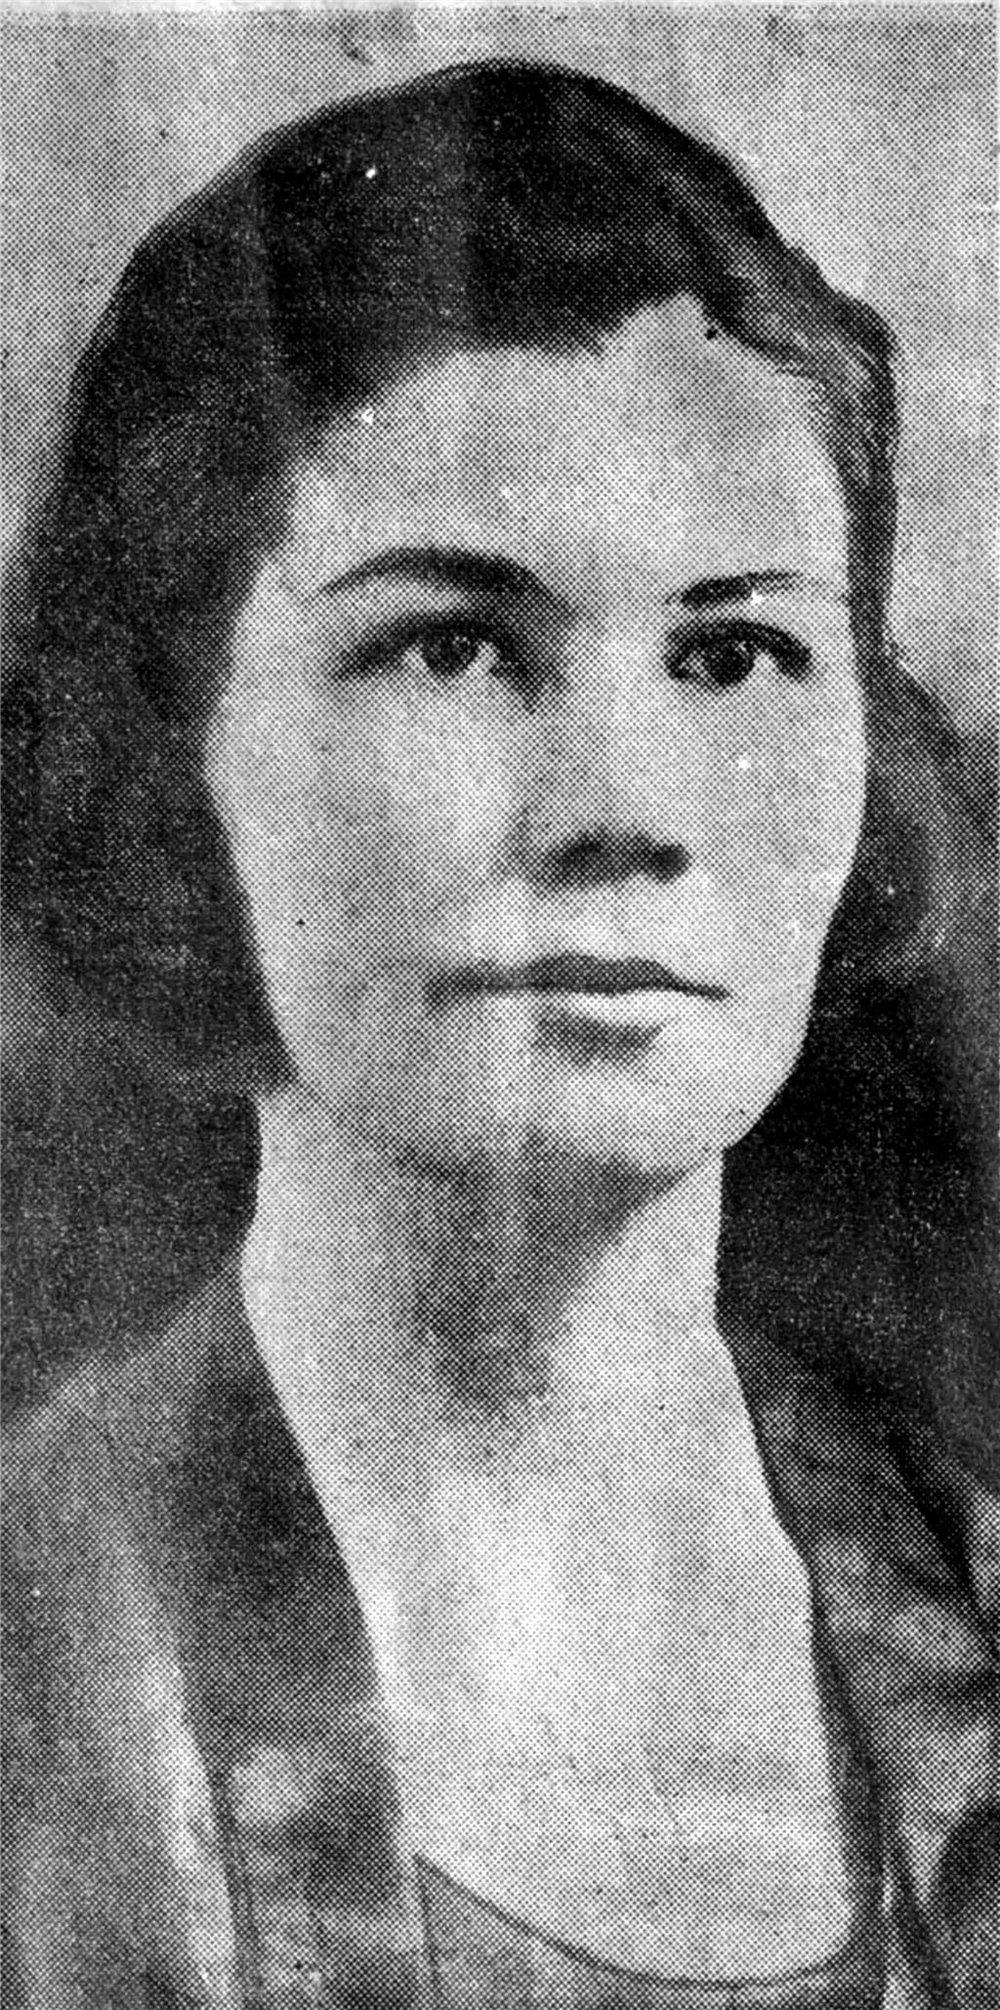 hallie-latham-illingworth-1901-1937.jpg